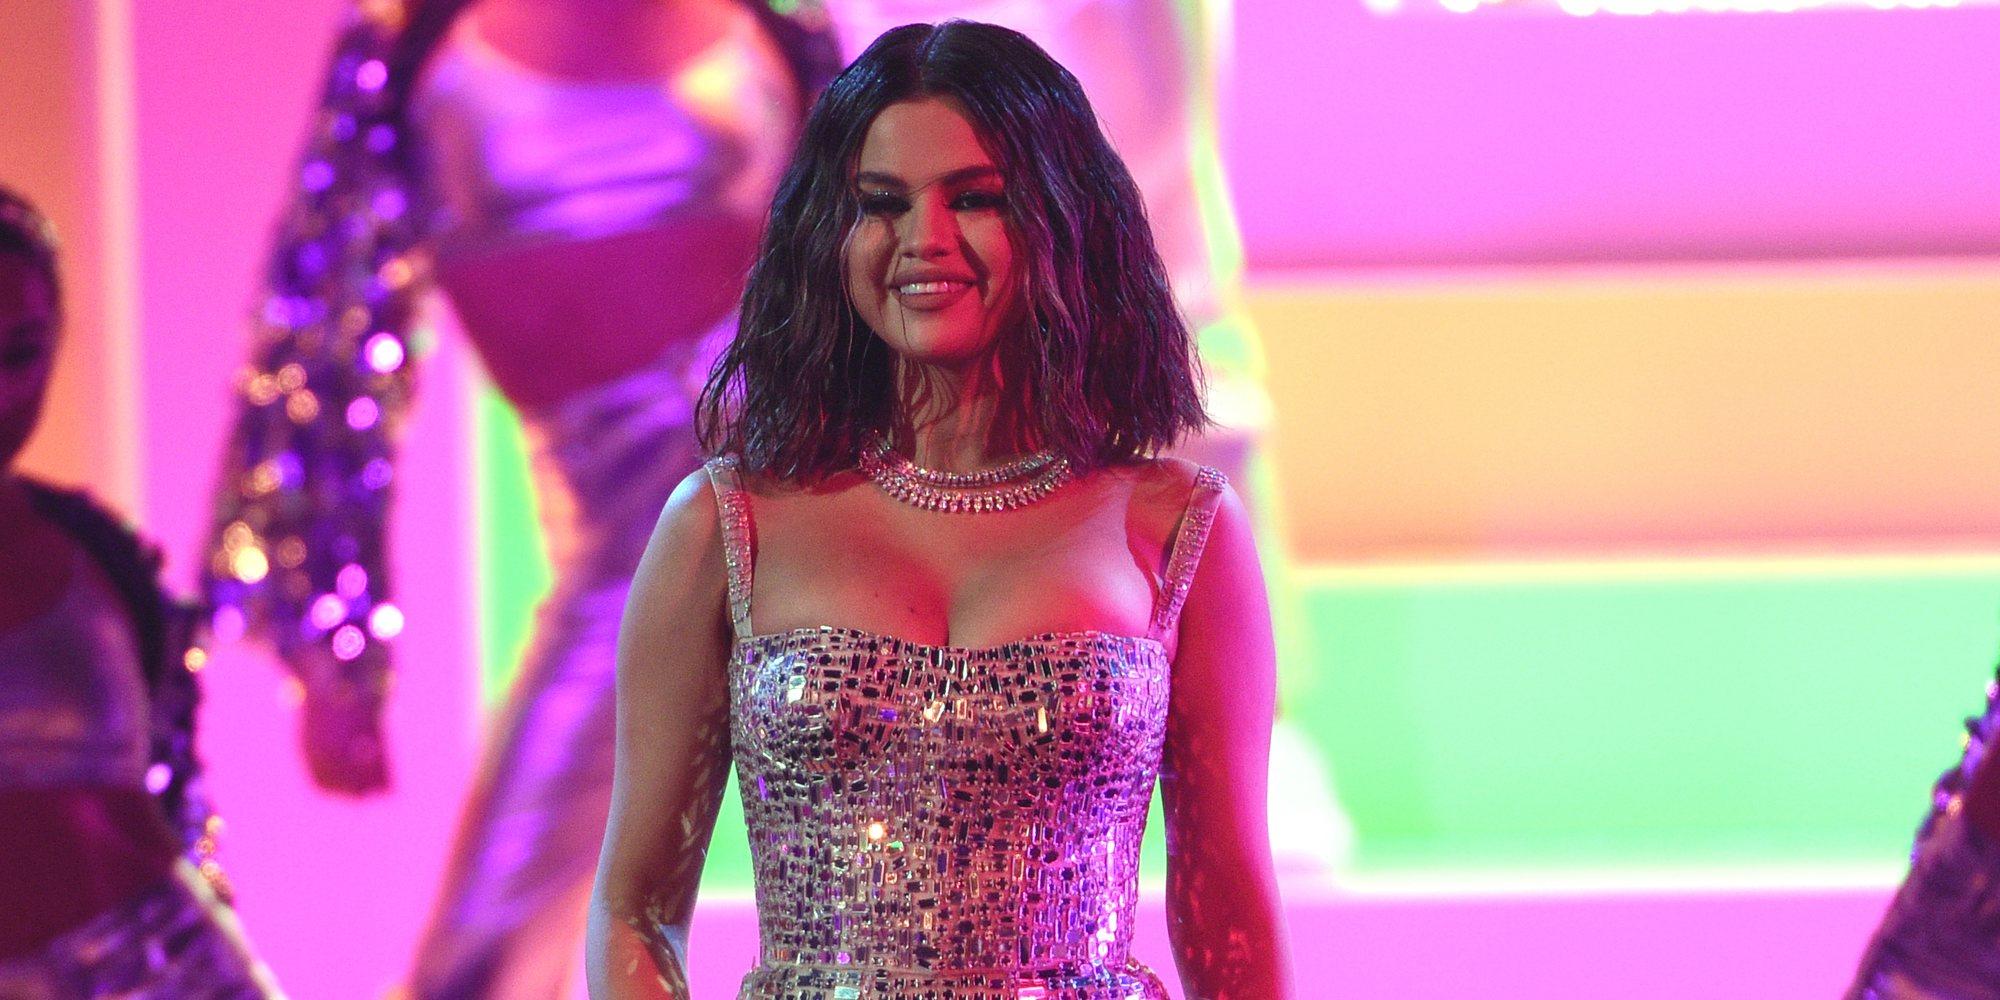 Del éxito de Taylor Swift al regreso de Selena Gomez: así fueron los premios AMAs 2019